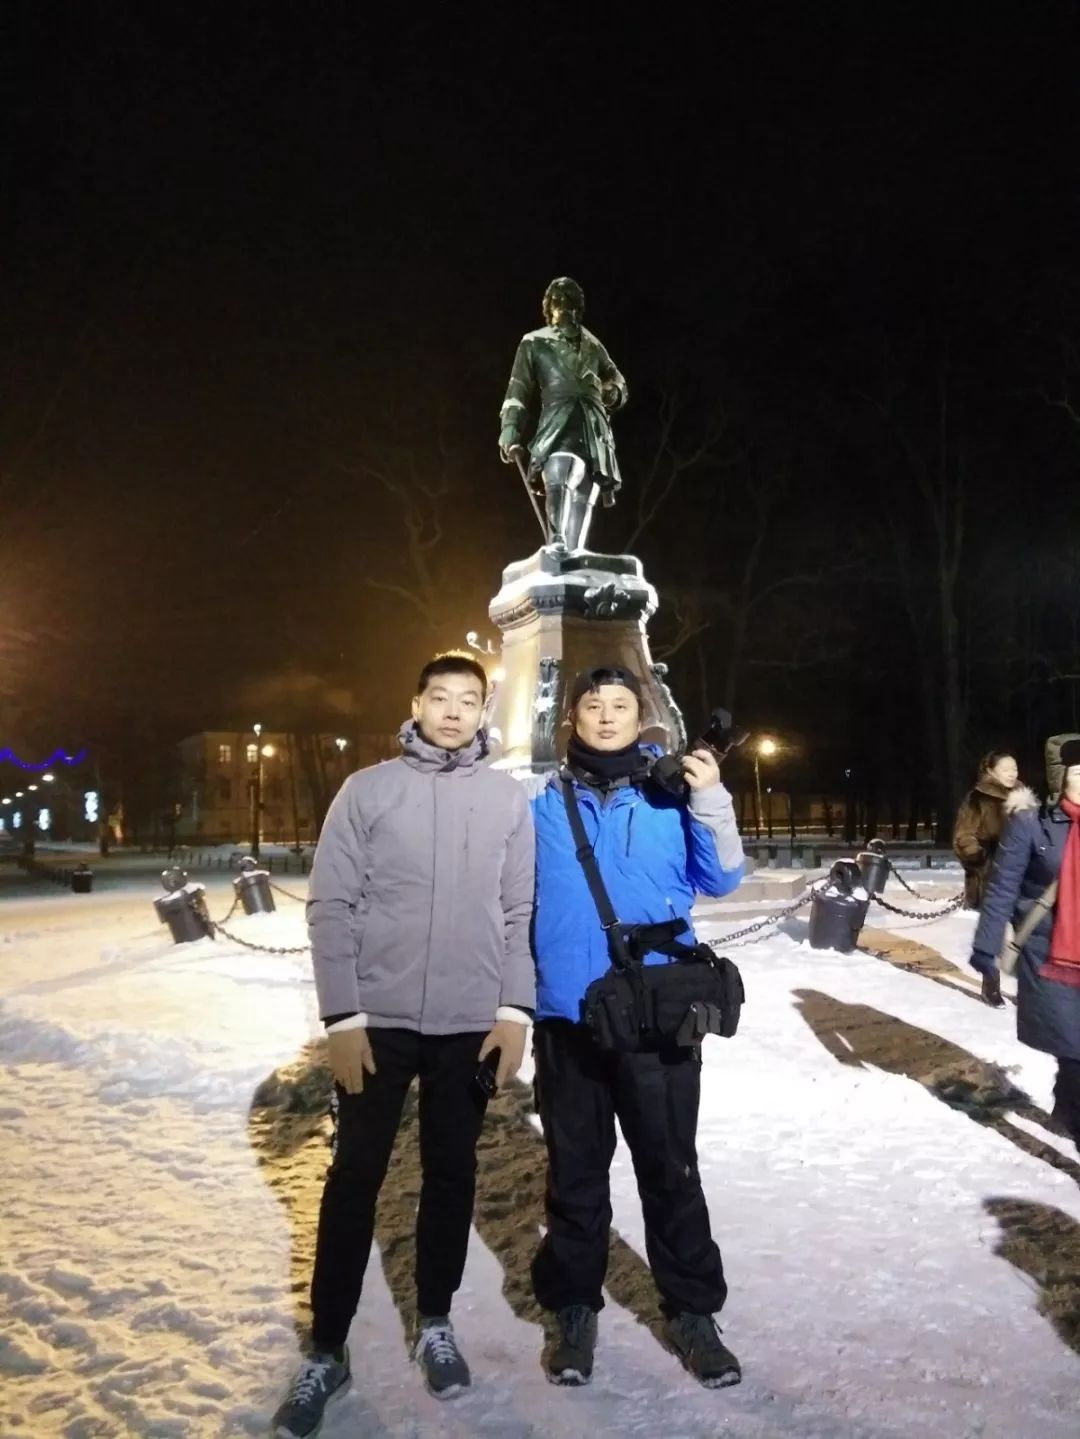 朱川(左)和赵文勇(右)两位济南好汉在圣彼得堡合影。